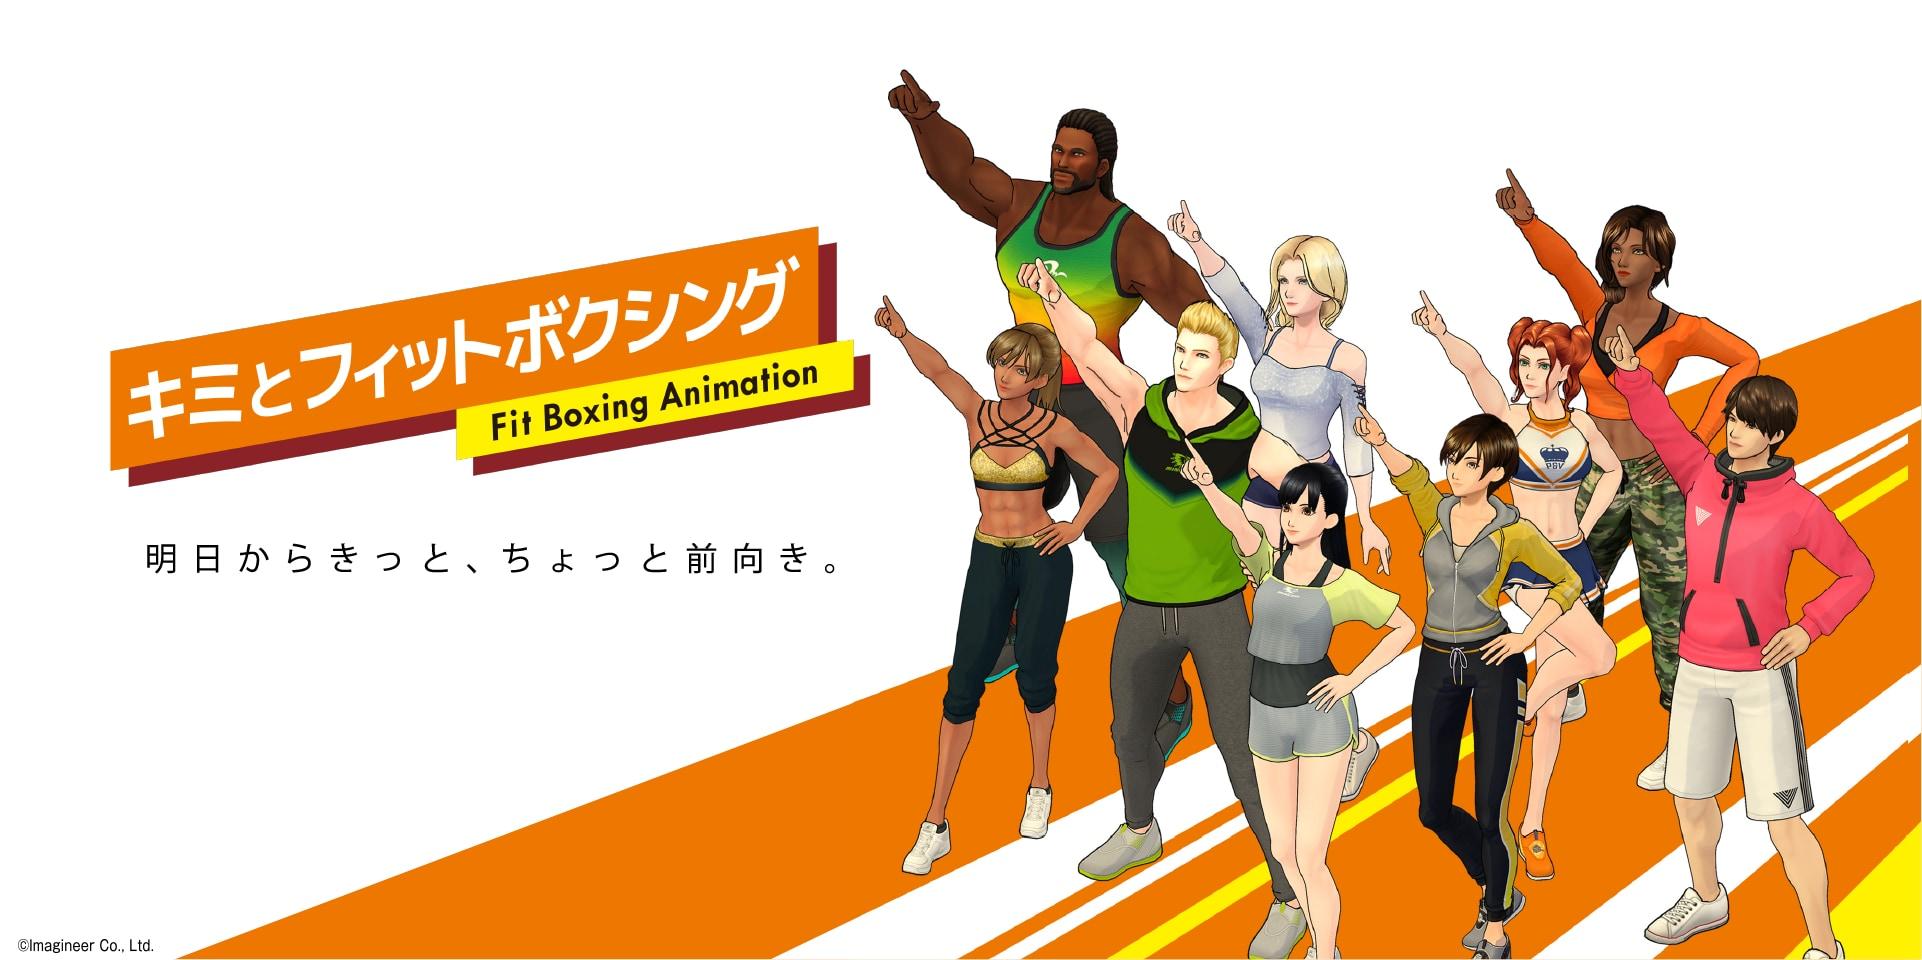 「Fit Boxing」まさかのアニメ化!石田彰さんら演じるインストラクターの日常を描く